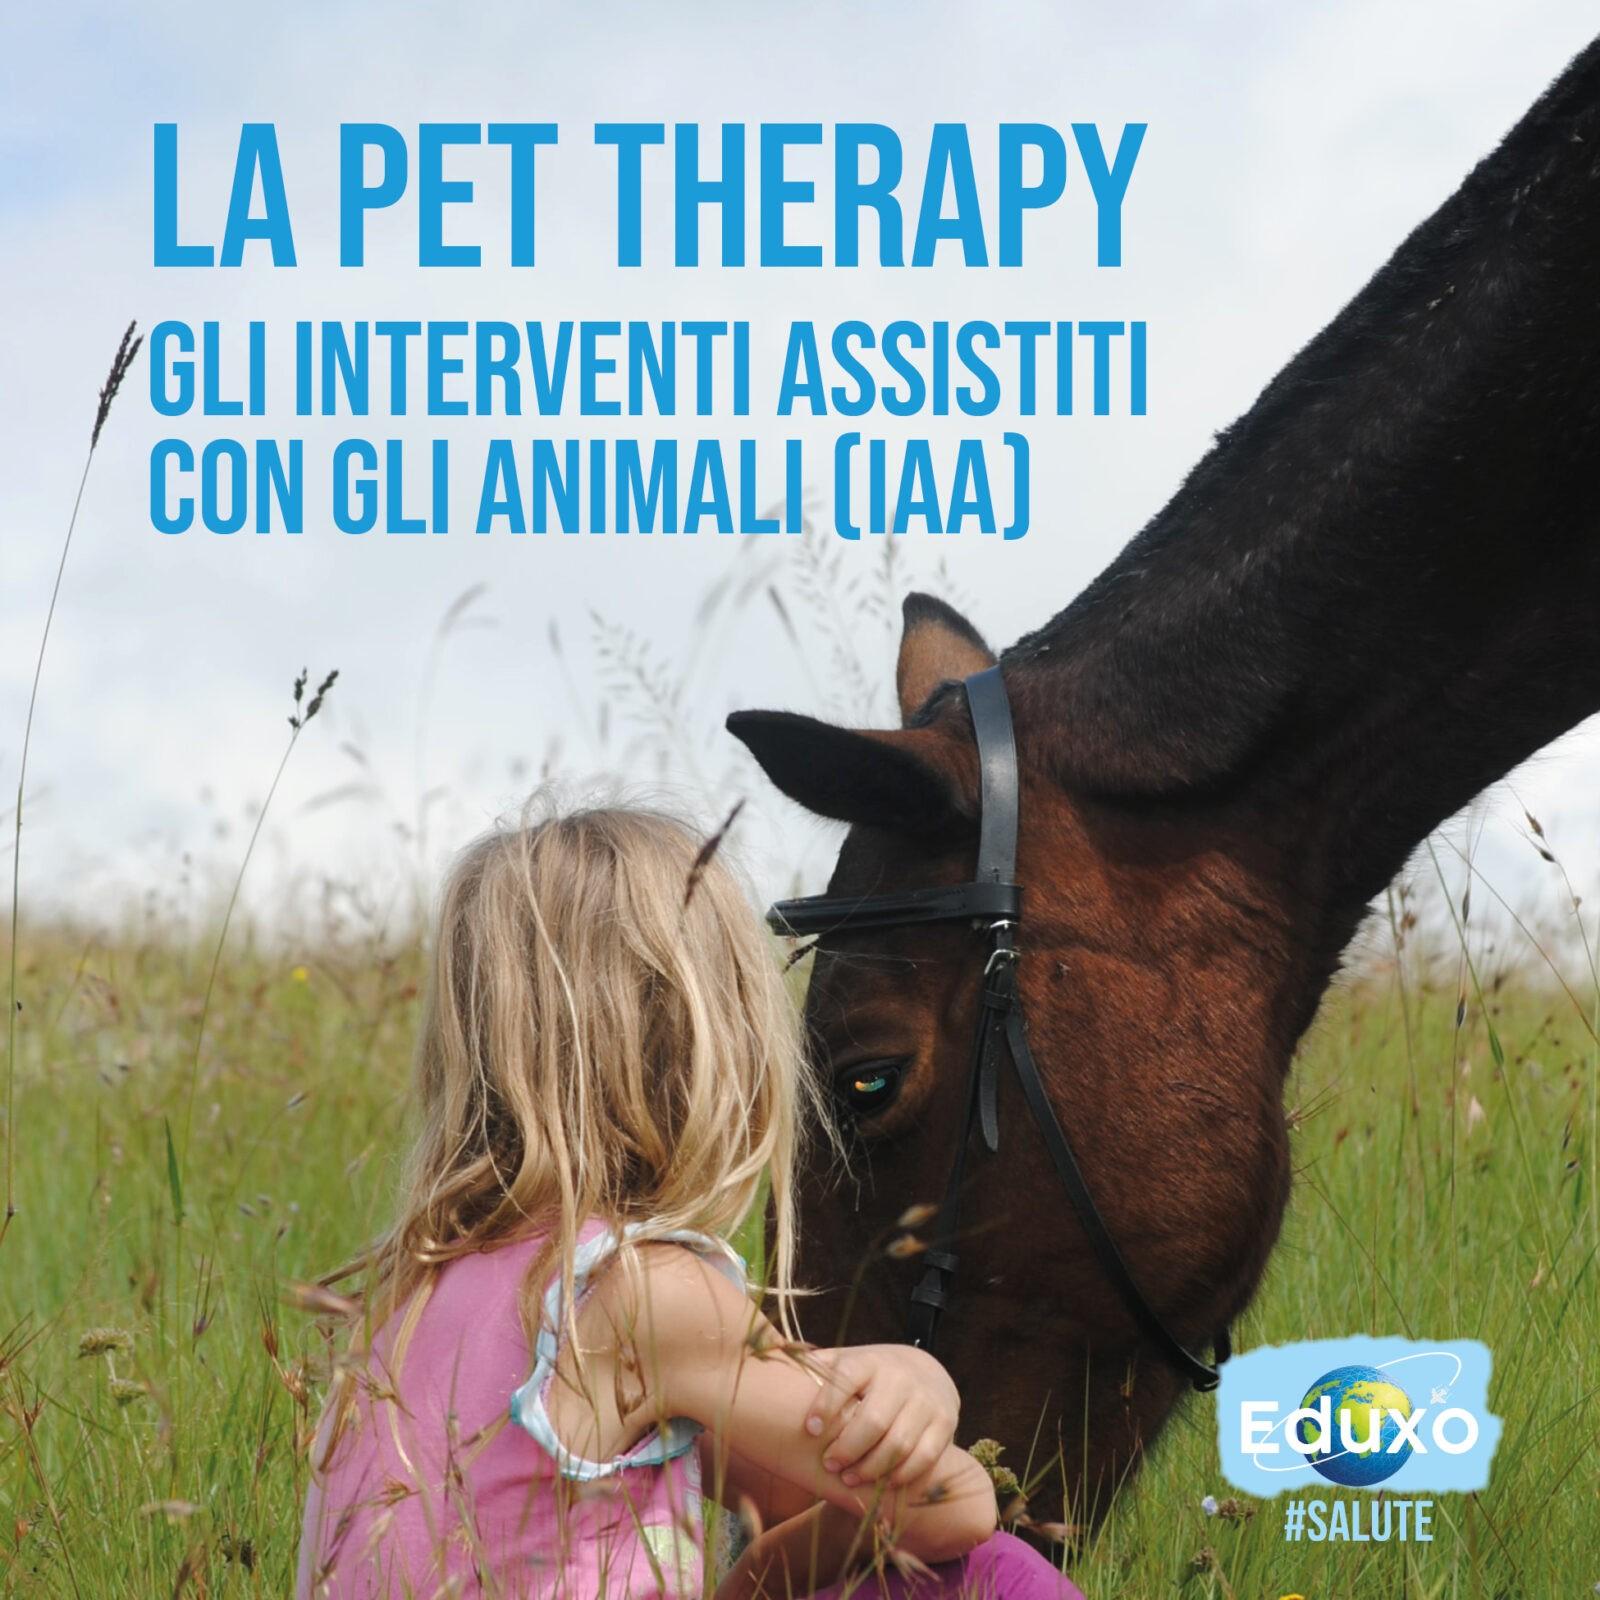 LA PET THERAPY – GLI INTERVENTI ASSISTITI CON GLI ANIMALI (IAA)